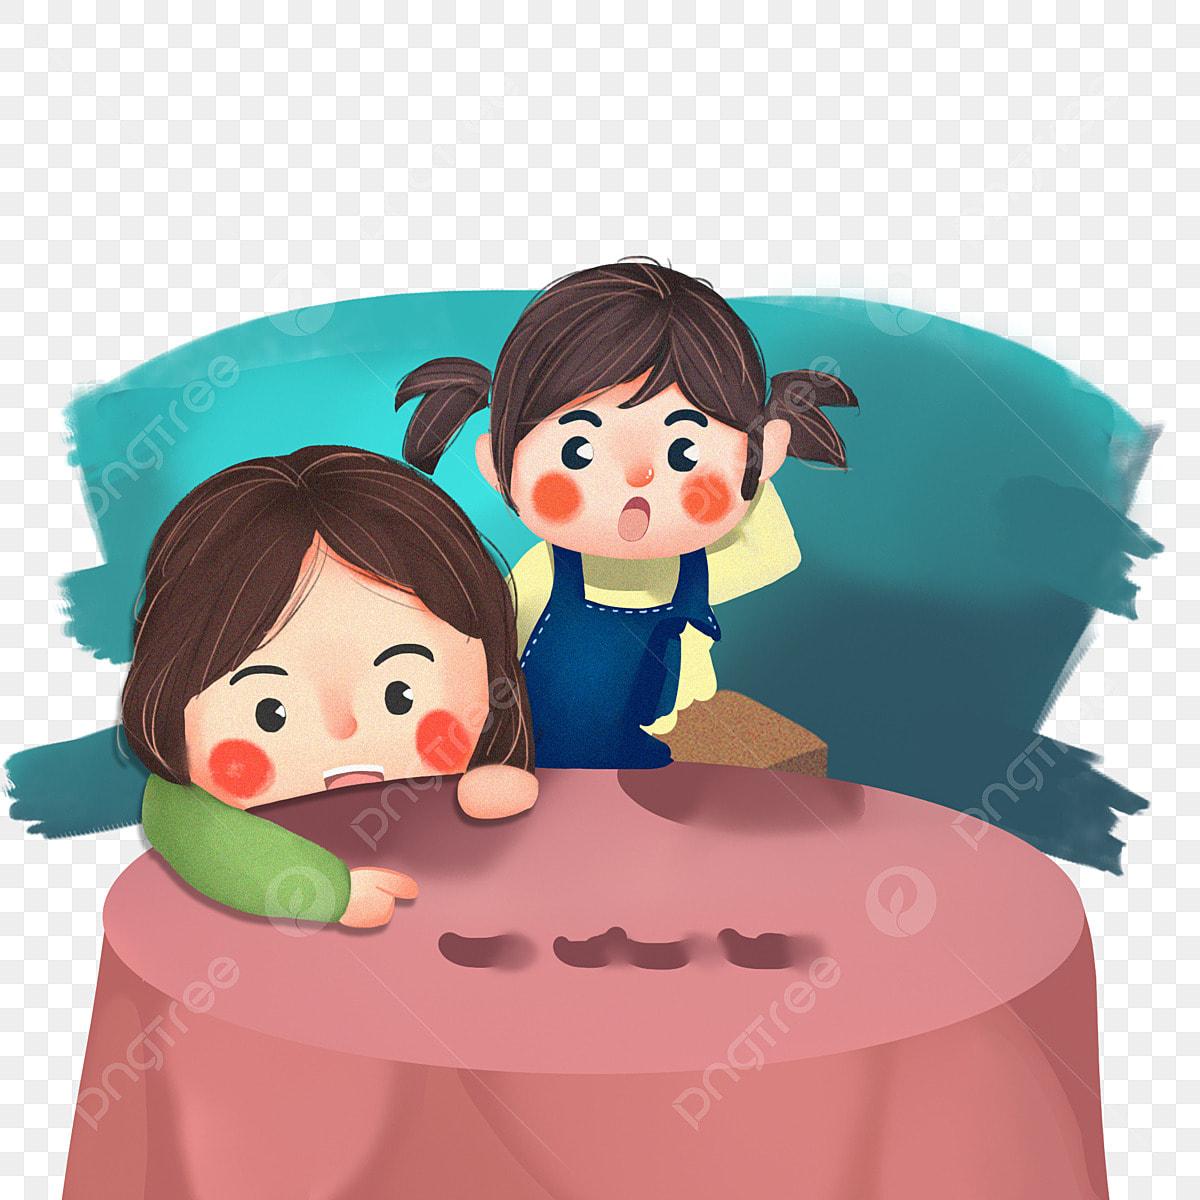 أطفال كارتون صور مجانية لعب على الطاولة أطفال يتناولون الطعام كرتون اطفال صور مجانية تلعب على الطاولة Png وملف Psd للتحميل مجانا